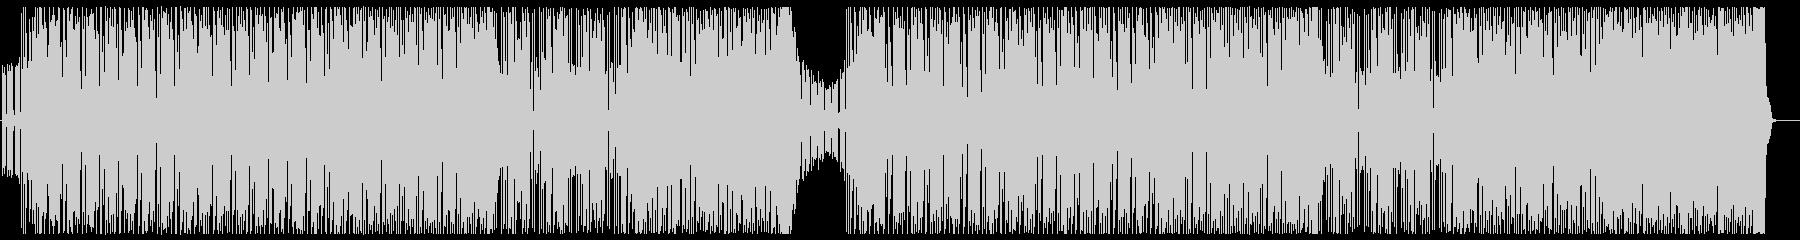 エネルギッシュなピアノダンスポップ声有りの未再生の波形